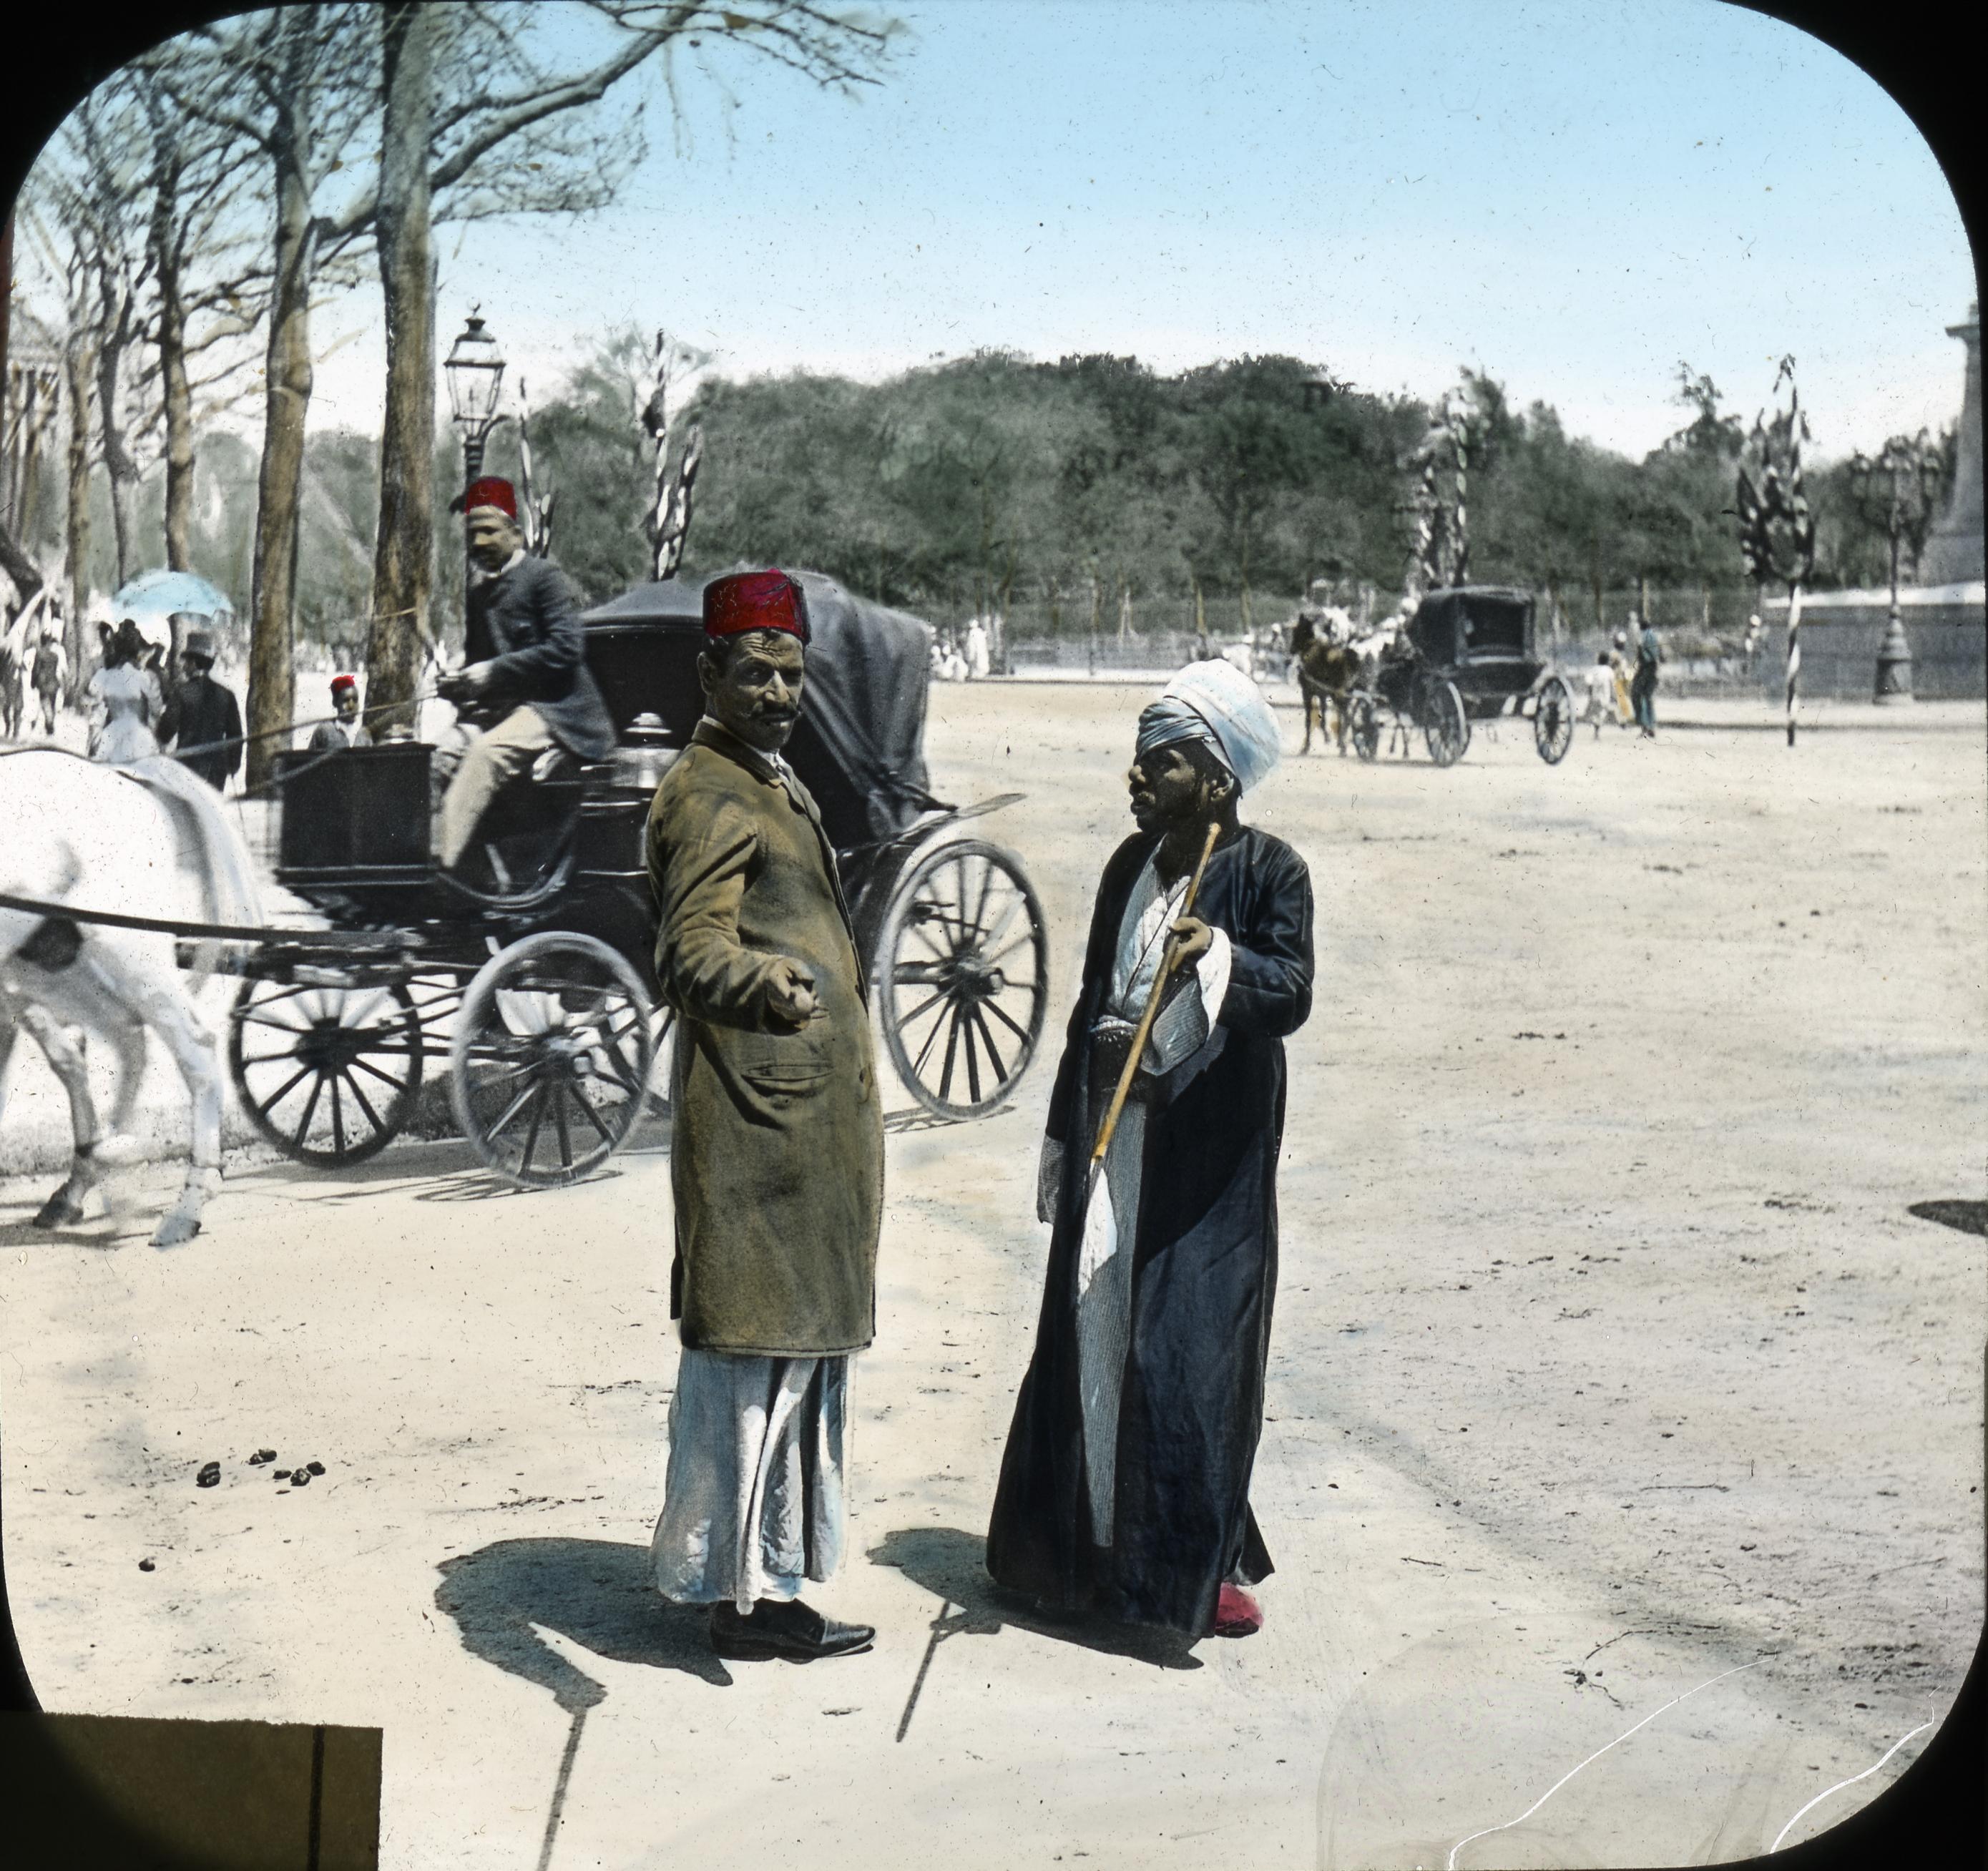 051 - Egypt - Muezzin on the street, Cairo